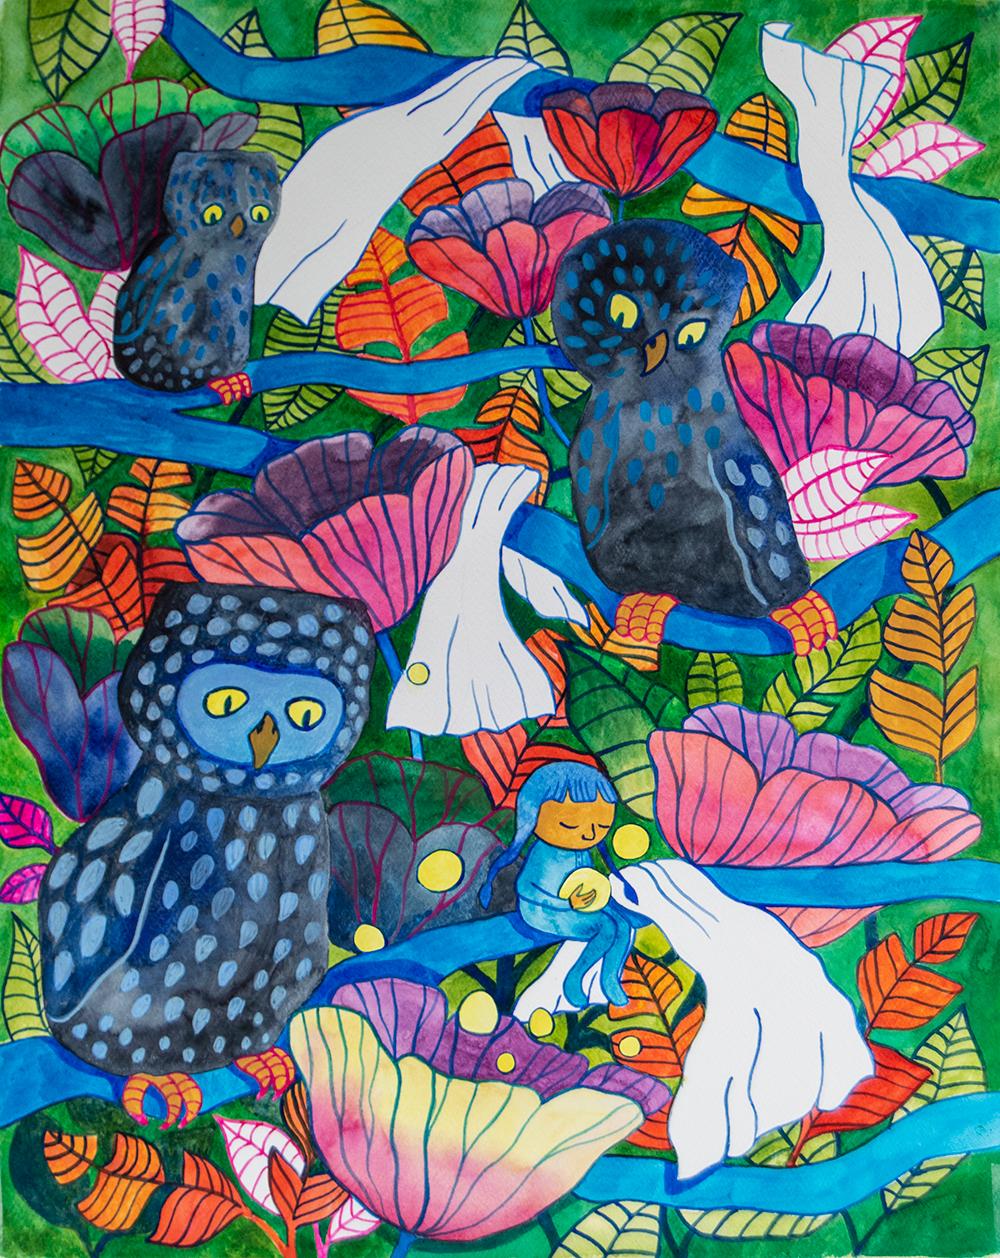 Martina Lundgren Måleri | Akvarell, Akrylgouache (på akvarellpapper) 40 x 50 cm 3 200 SEK (exklusive ram) www.vargaform.se